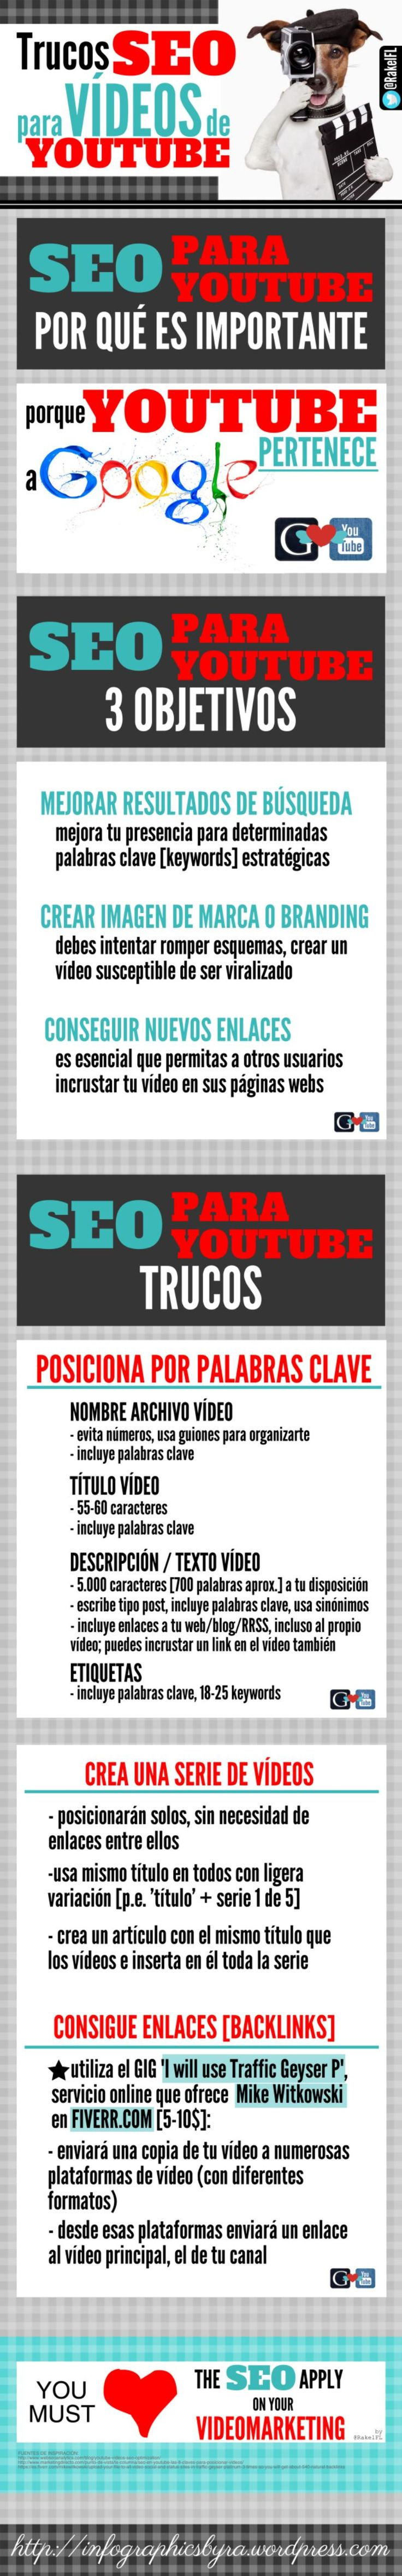 Una infografía en español que nos habla de la importancia del SEO para los vídeos de YouTube. Ofrece diversos trucos SEO para YouTube muy fáciles de seguir.